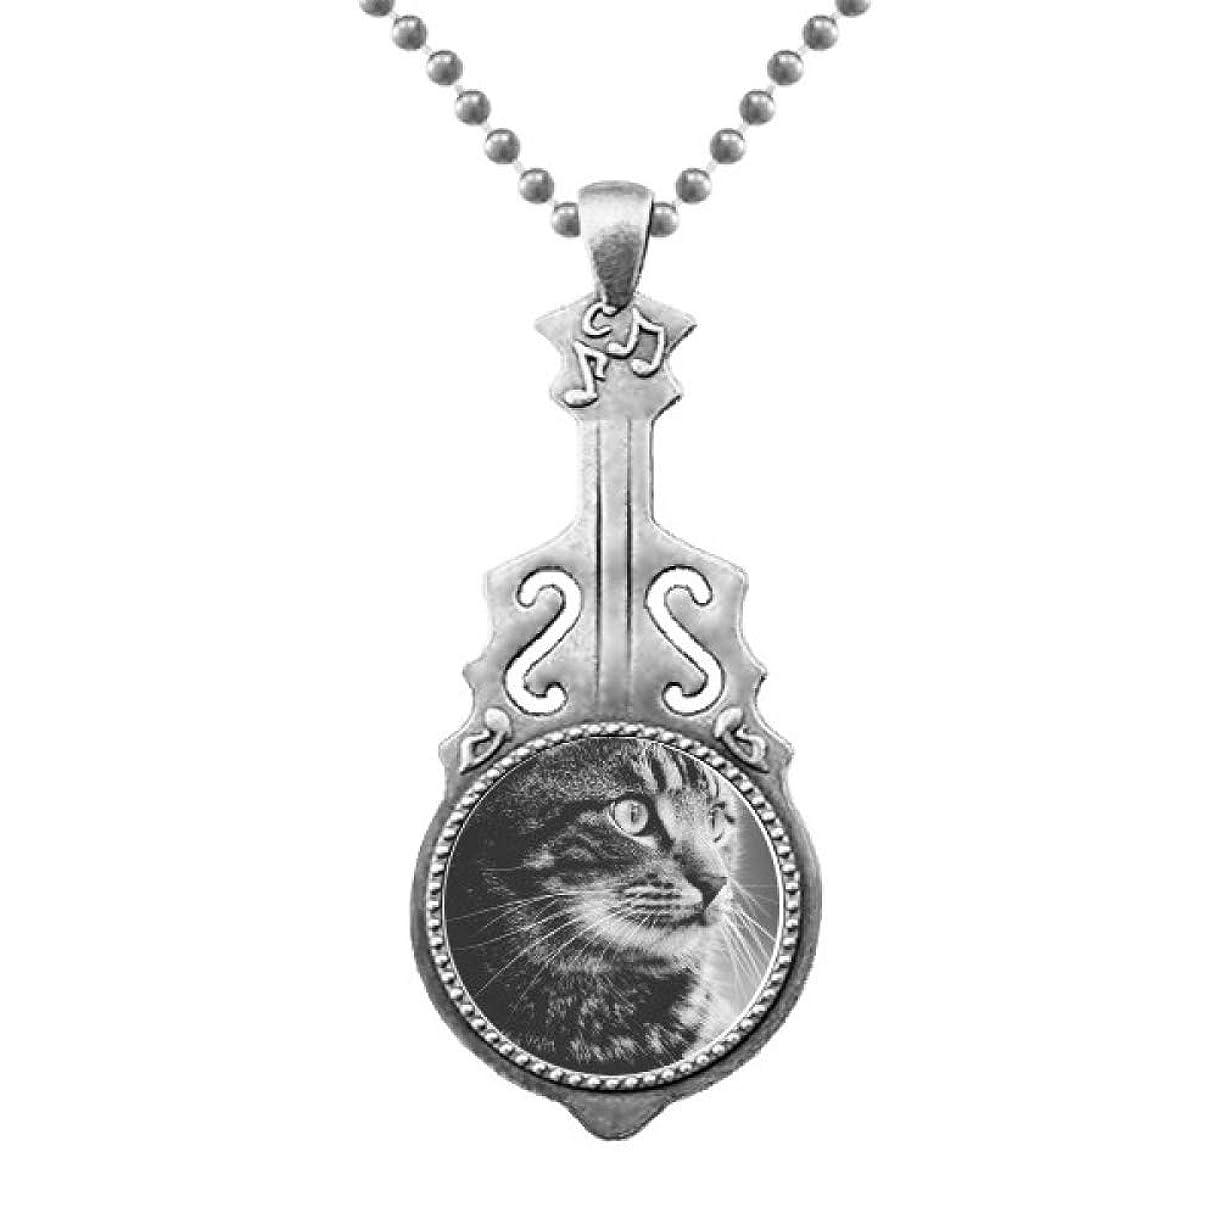 継承研磨剤車両黒の白い猫のプロフィールの野生動物 ペンダントジュエリー音楽ギタートルクスタームーン